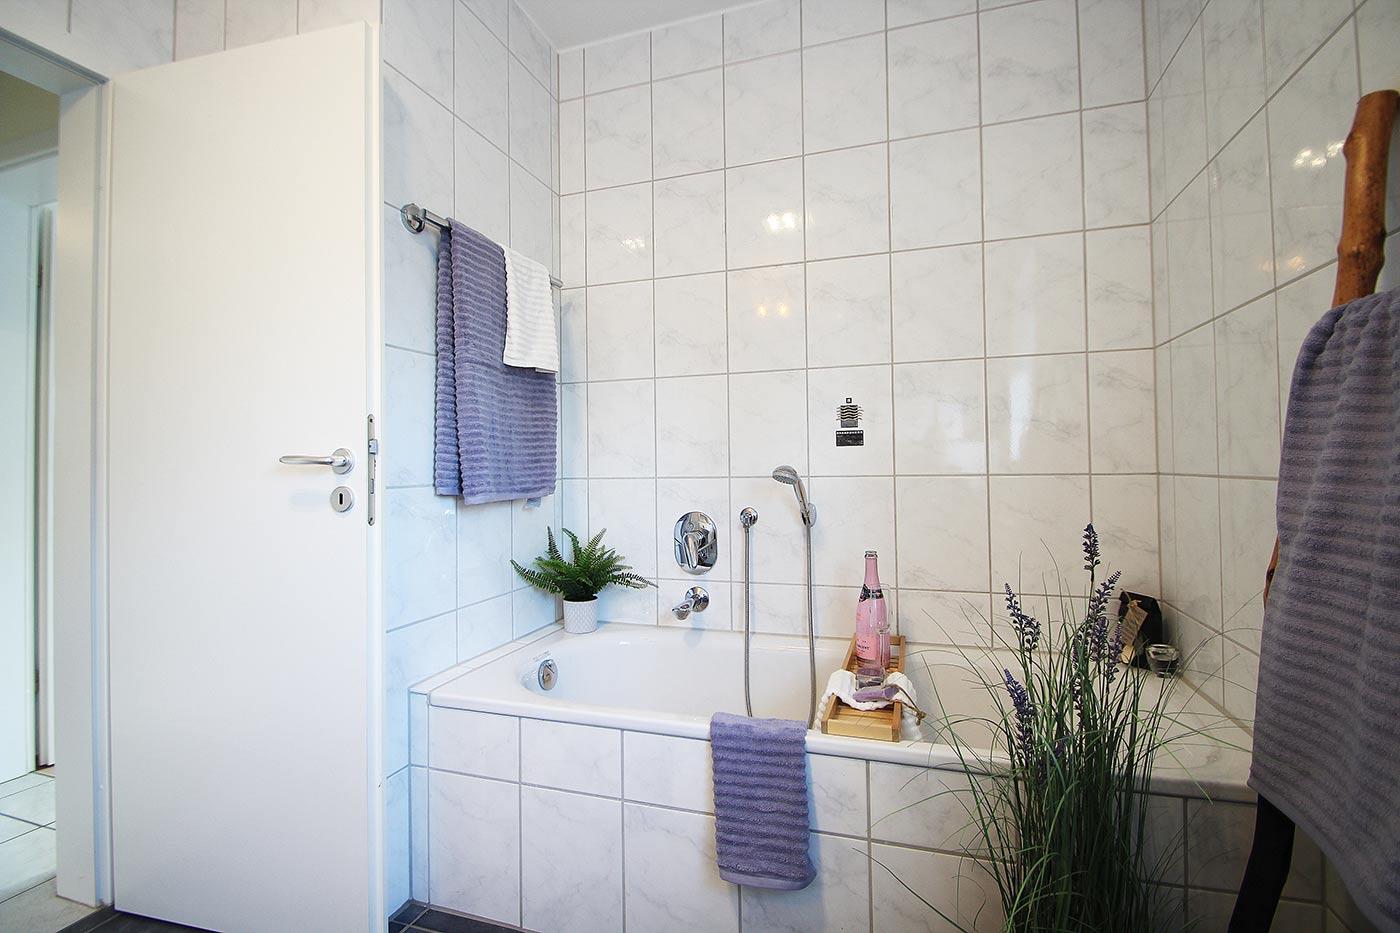 Bad und Wanne nach dem Homestaging durch Nicole Biernath von Blickfang Homestaging in Soest